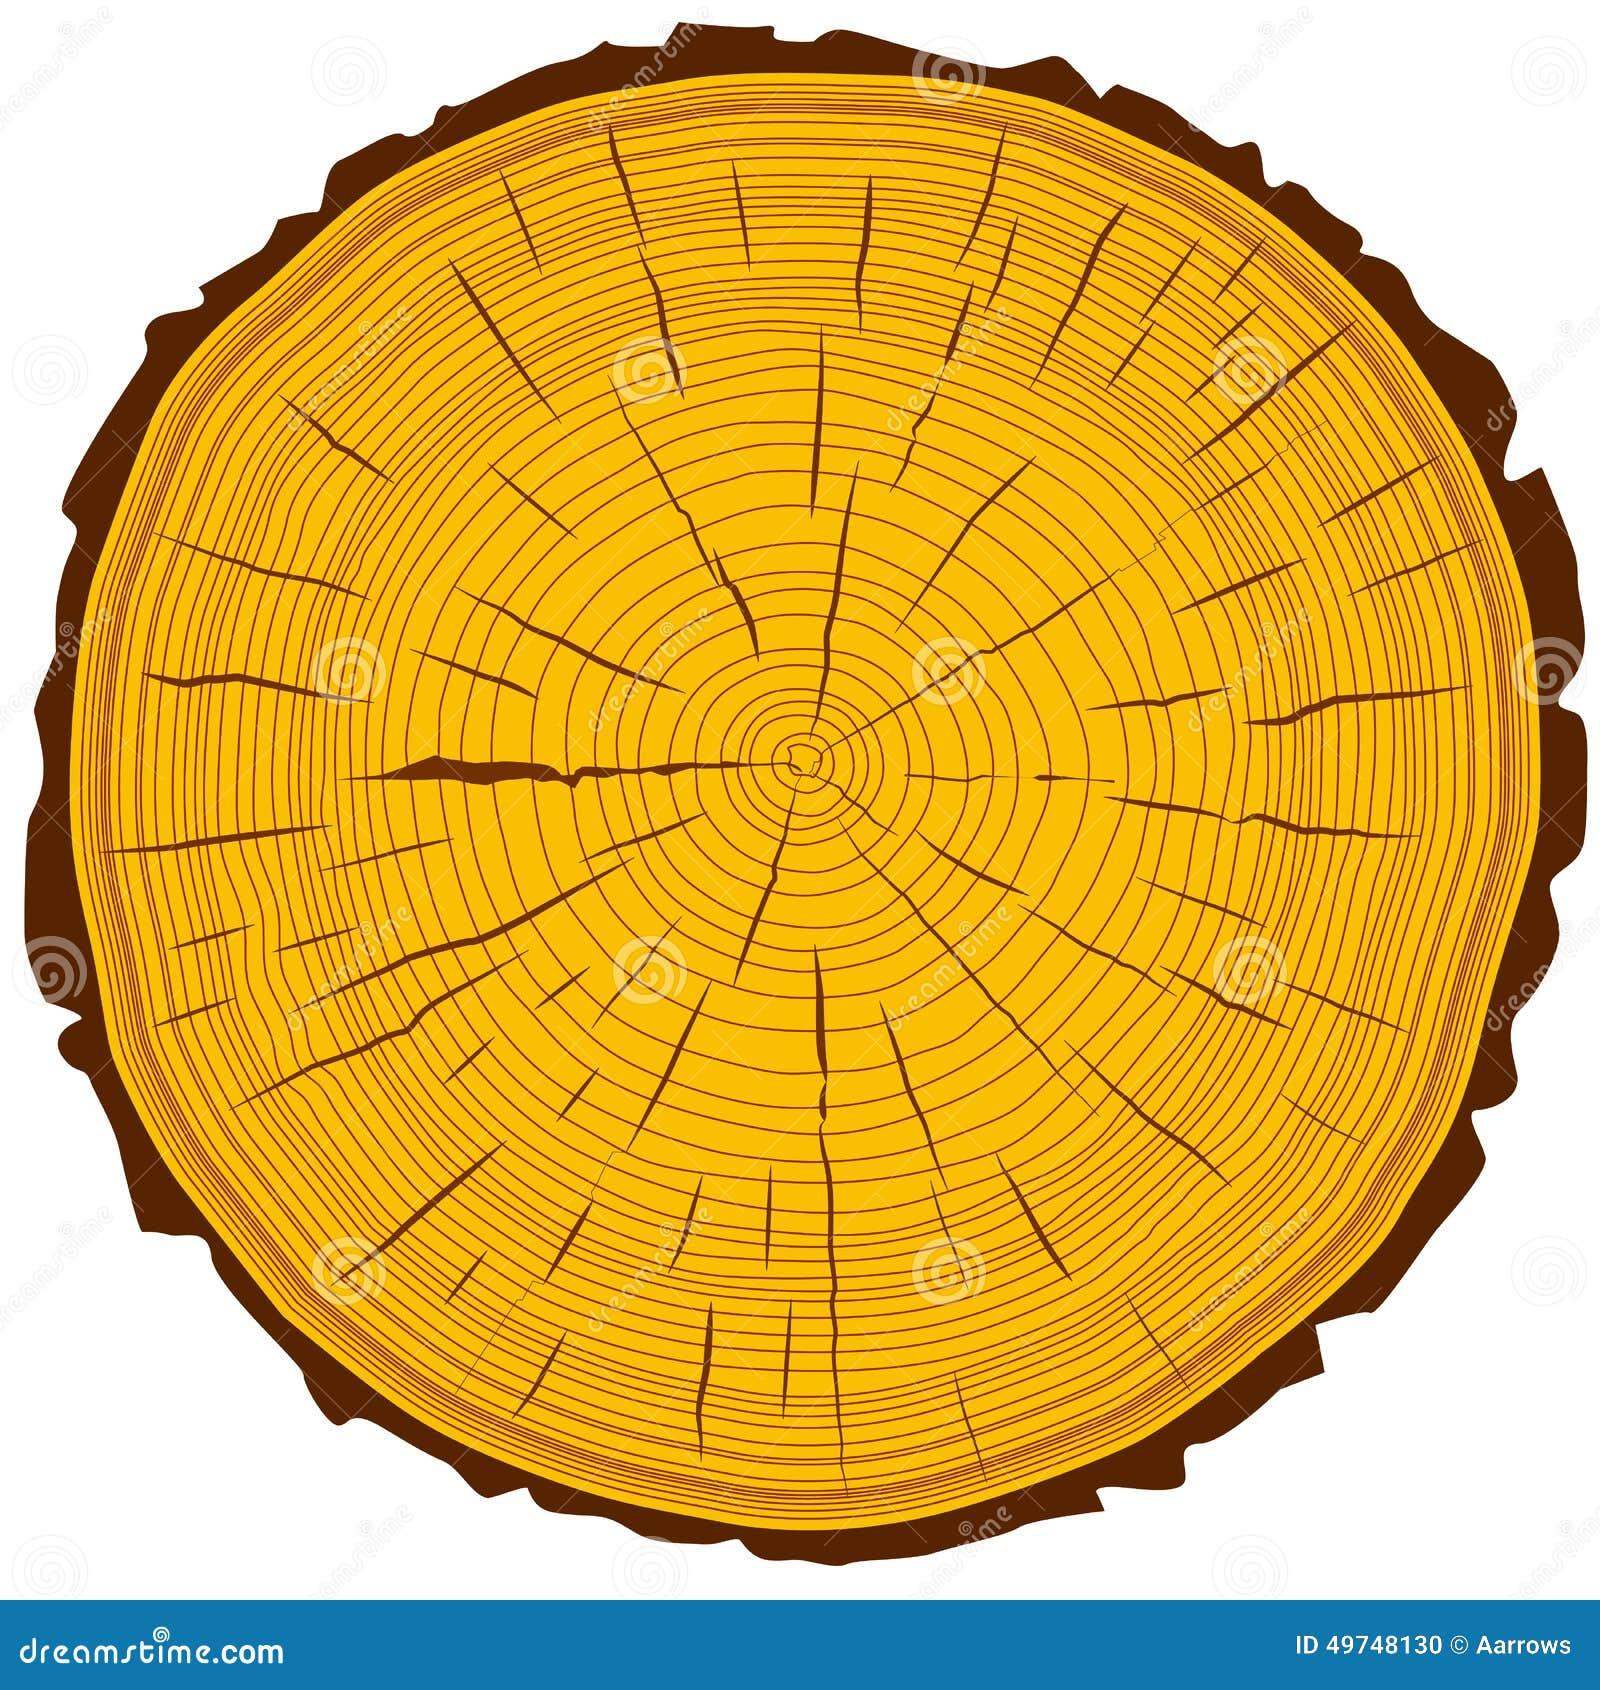 fond de tronc d 39 arbre de coupe de scie d 39 anneaux d 39 arbre illustration de vecteur image 49748130. Black Bedroom Furniture Sets. Home Design Ideas